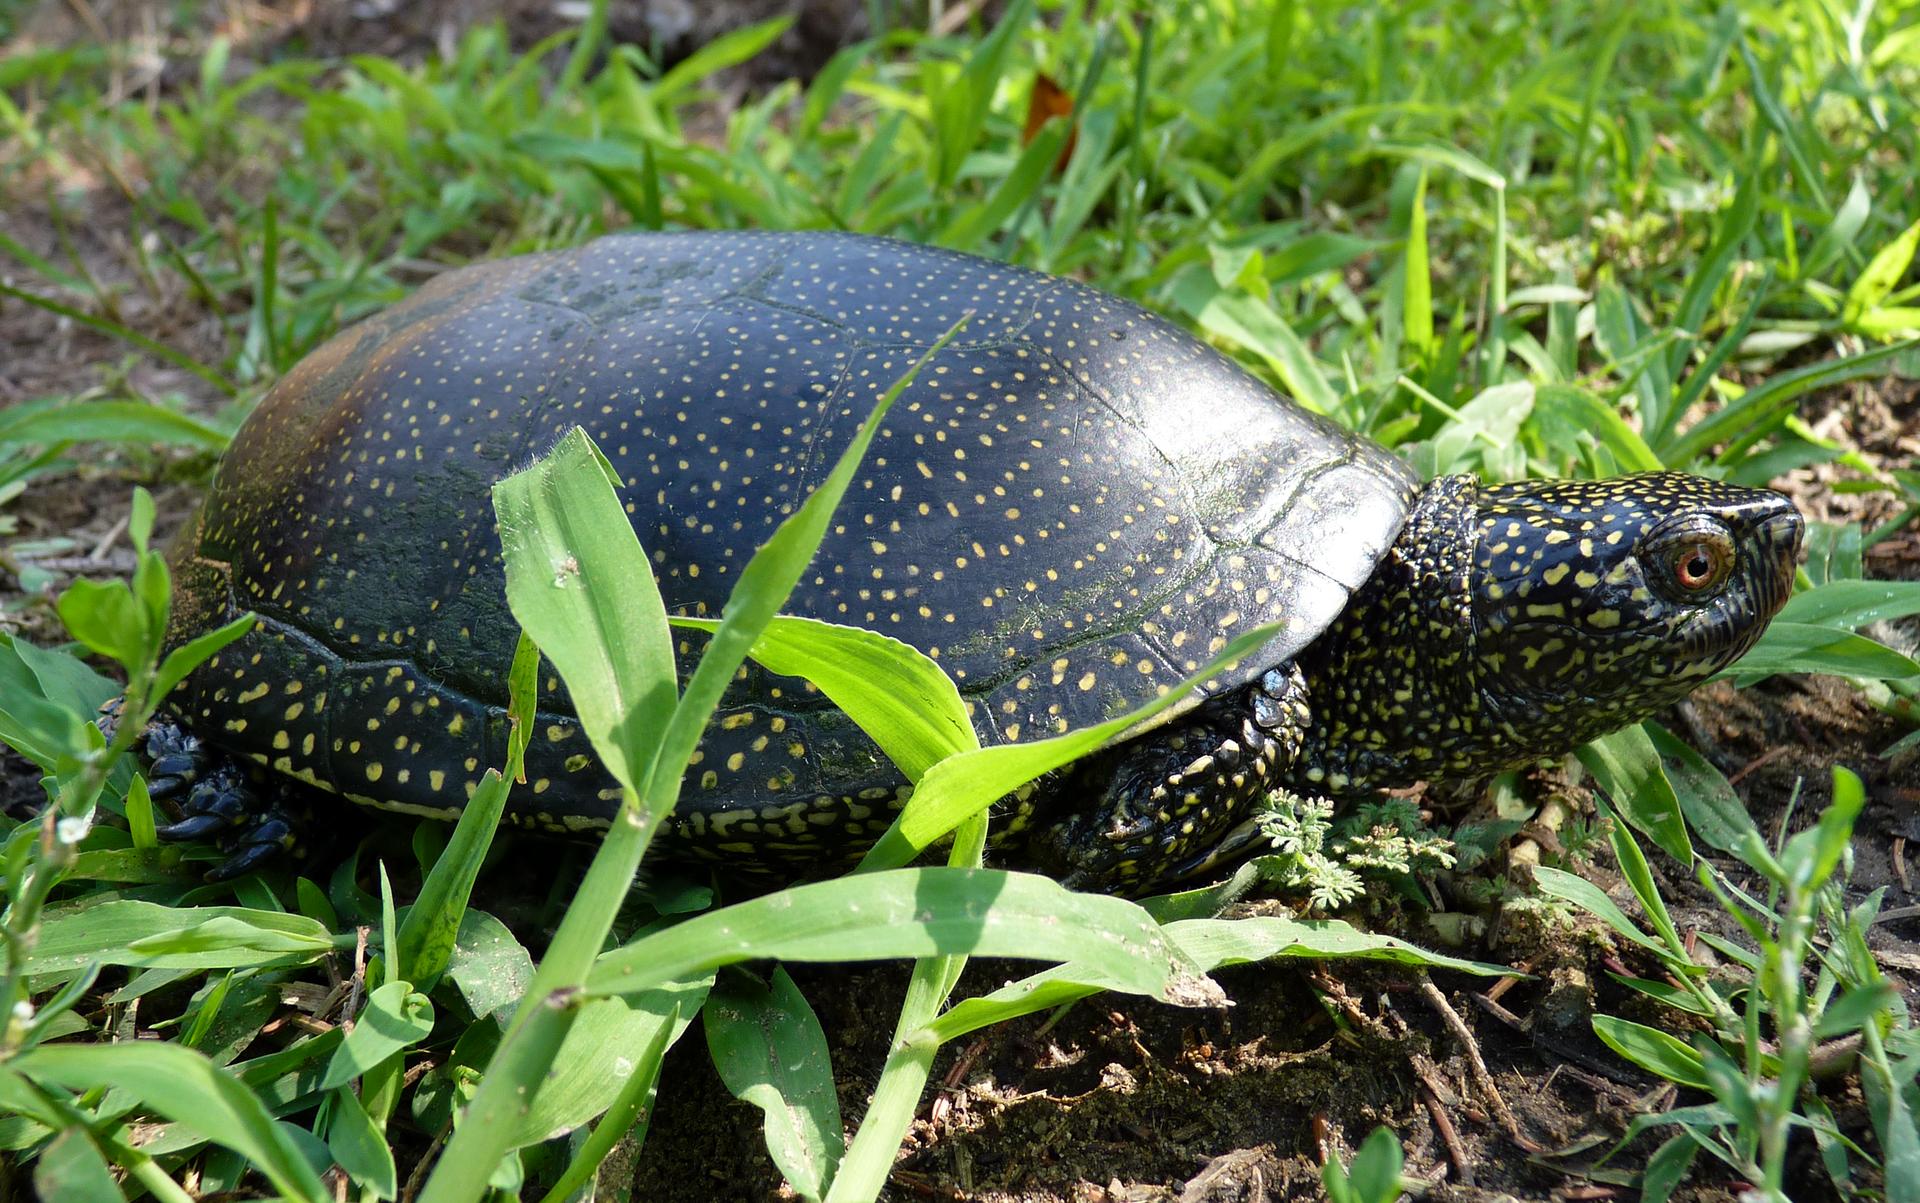 Fotografia przedstawia okaz czarnego, żółto nakrapianego żółwia błotnego. Jego strefa ochronna to 200 metrów od strefy rozrodu iregularnego przebywania. Wokresie od 1 marca do 30 września obowiązuje zwiększona do 500 metrów częściowa strefa ochronna.